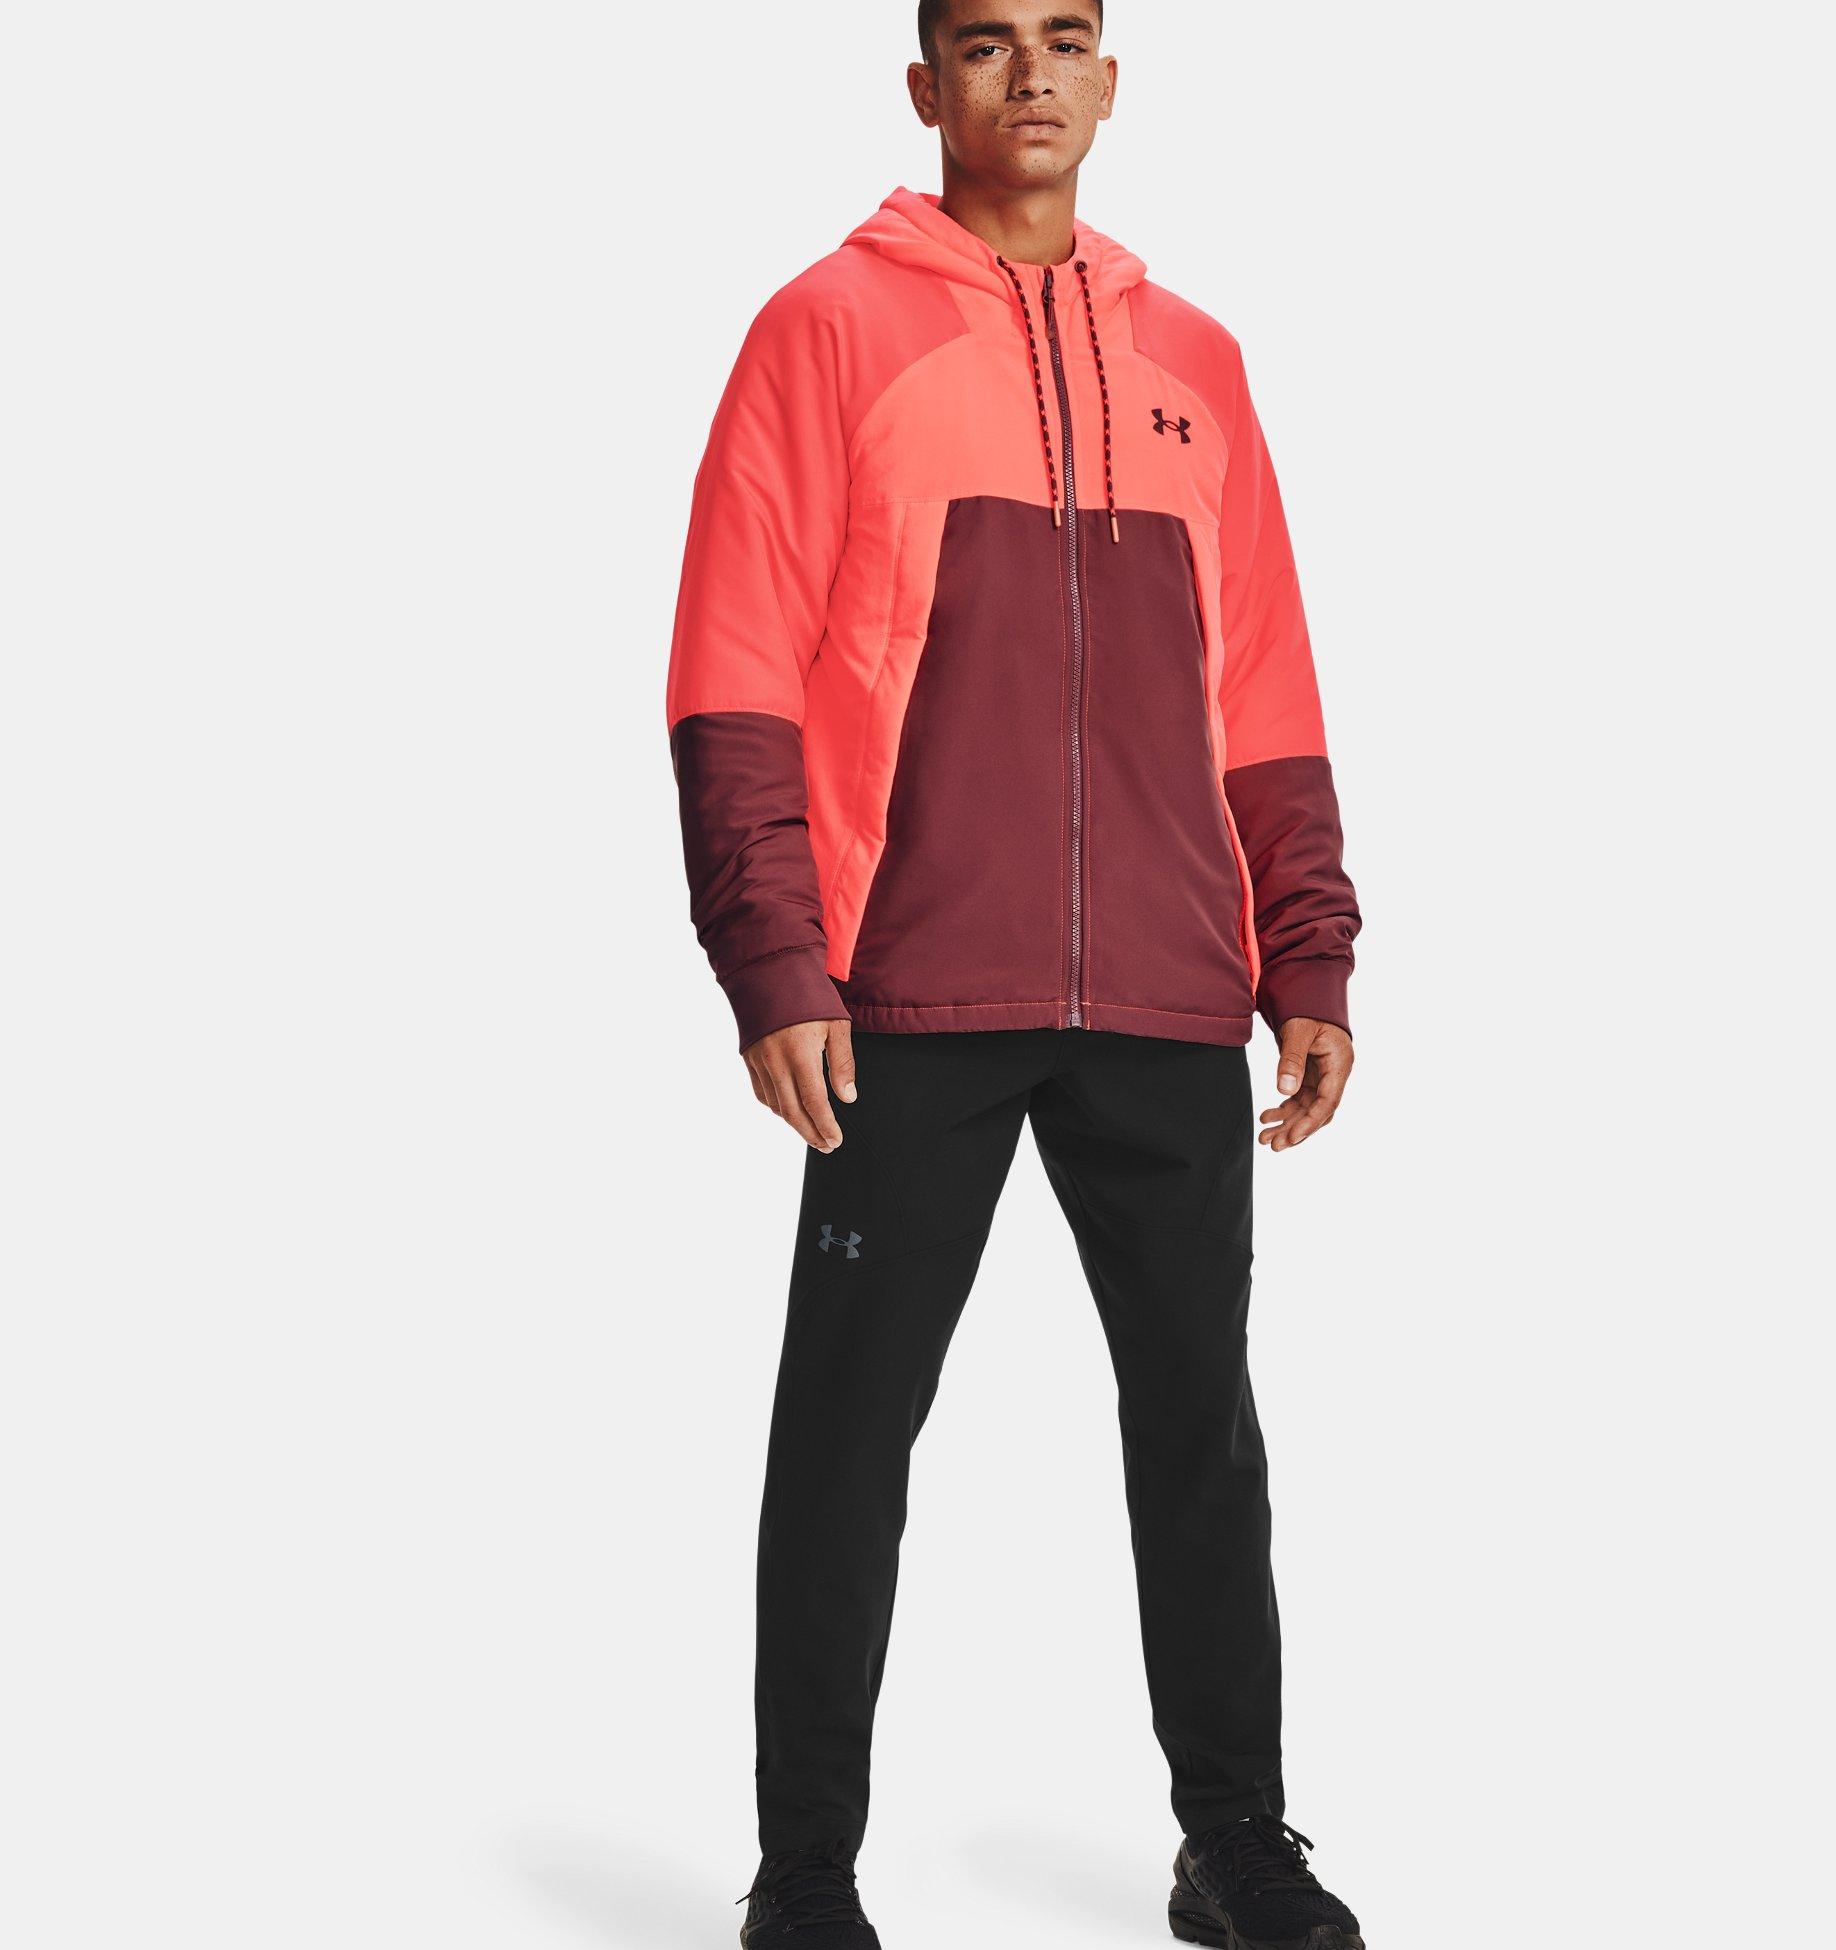 Underarmour Mens UA Sky Insulate Jacket